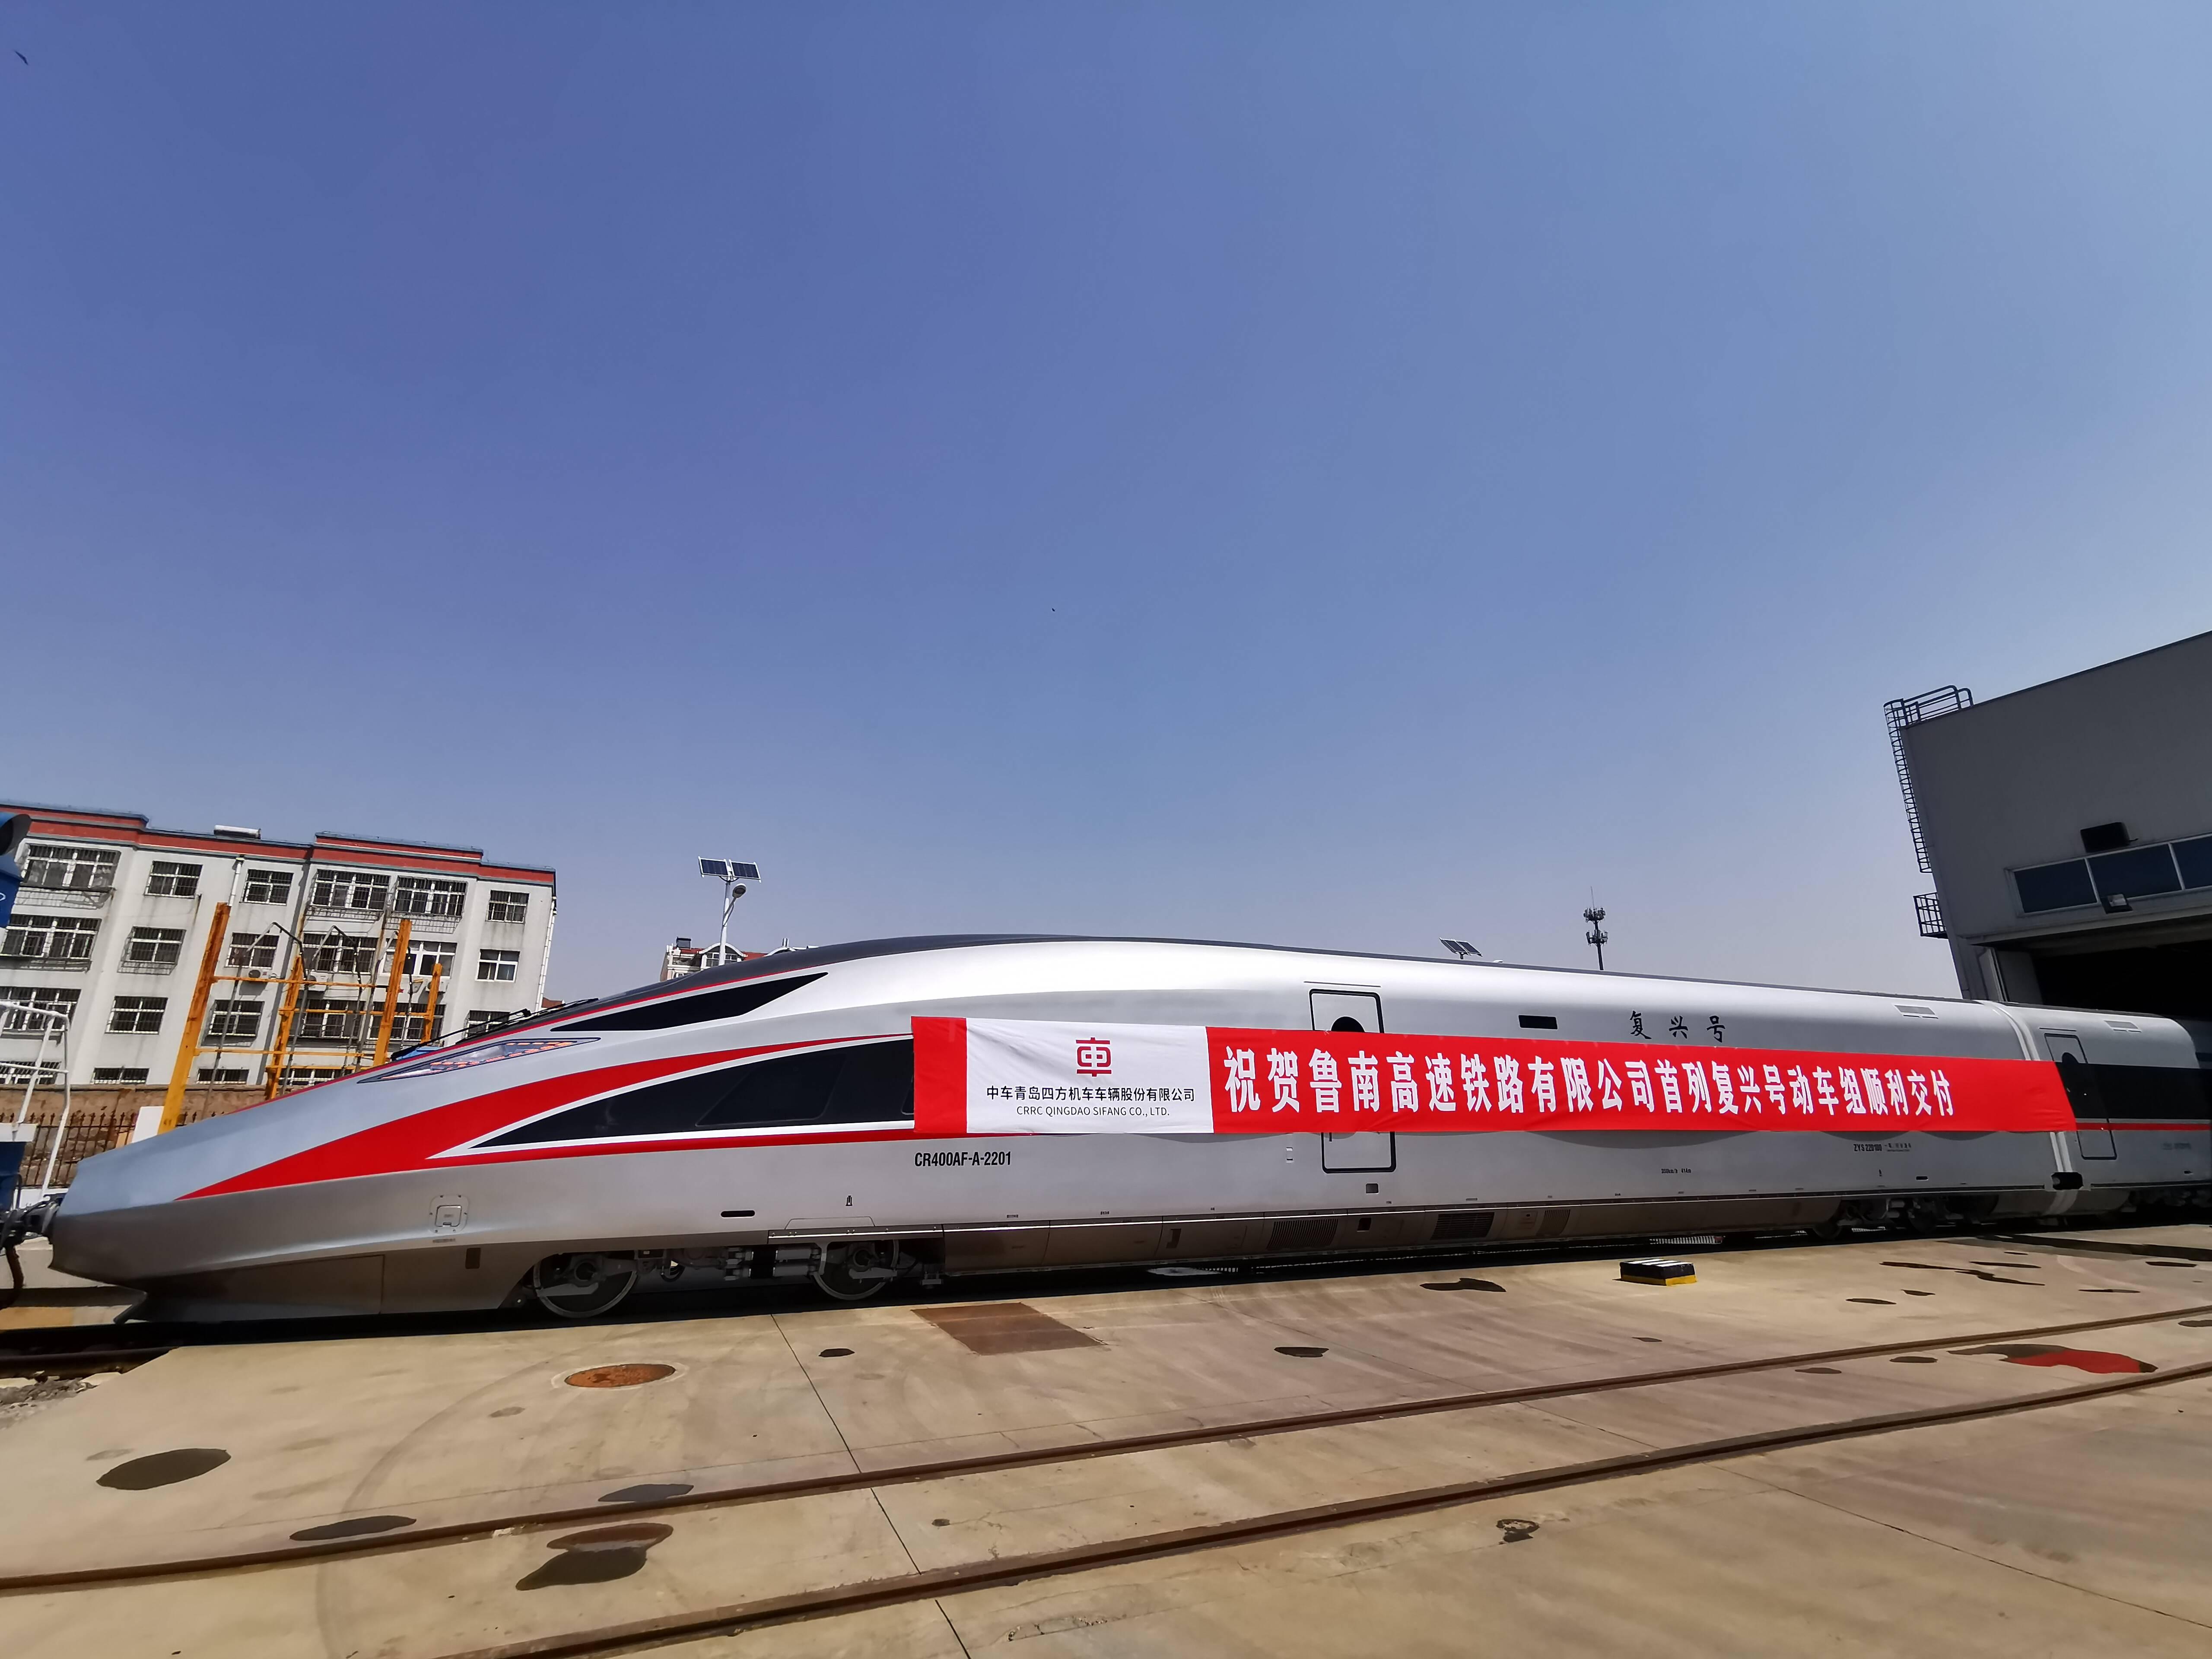 鲁南高铁公司自主采购的新版复兴号动车组正式投入运营